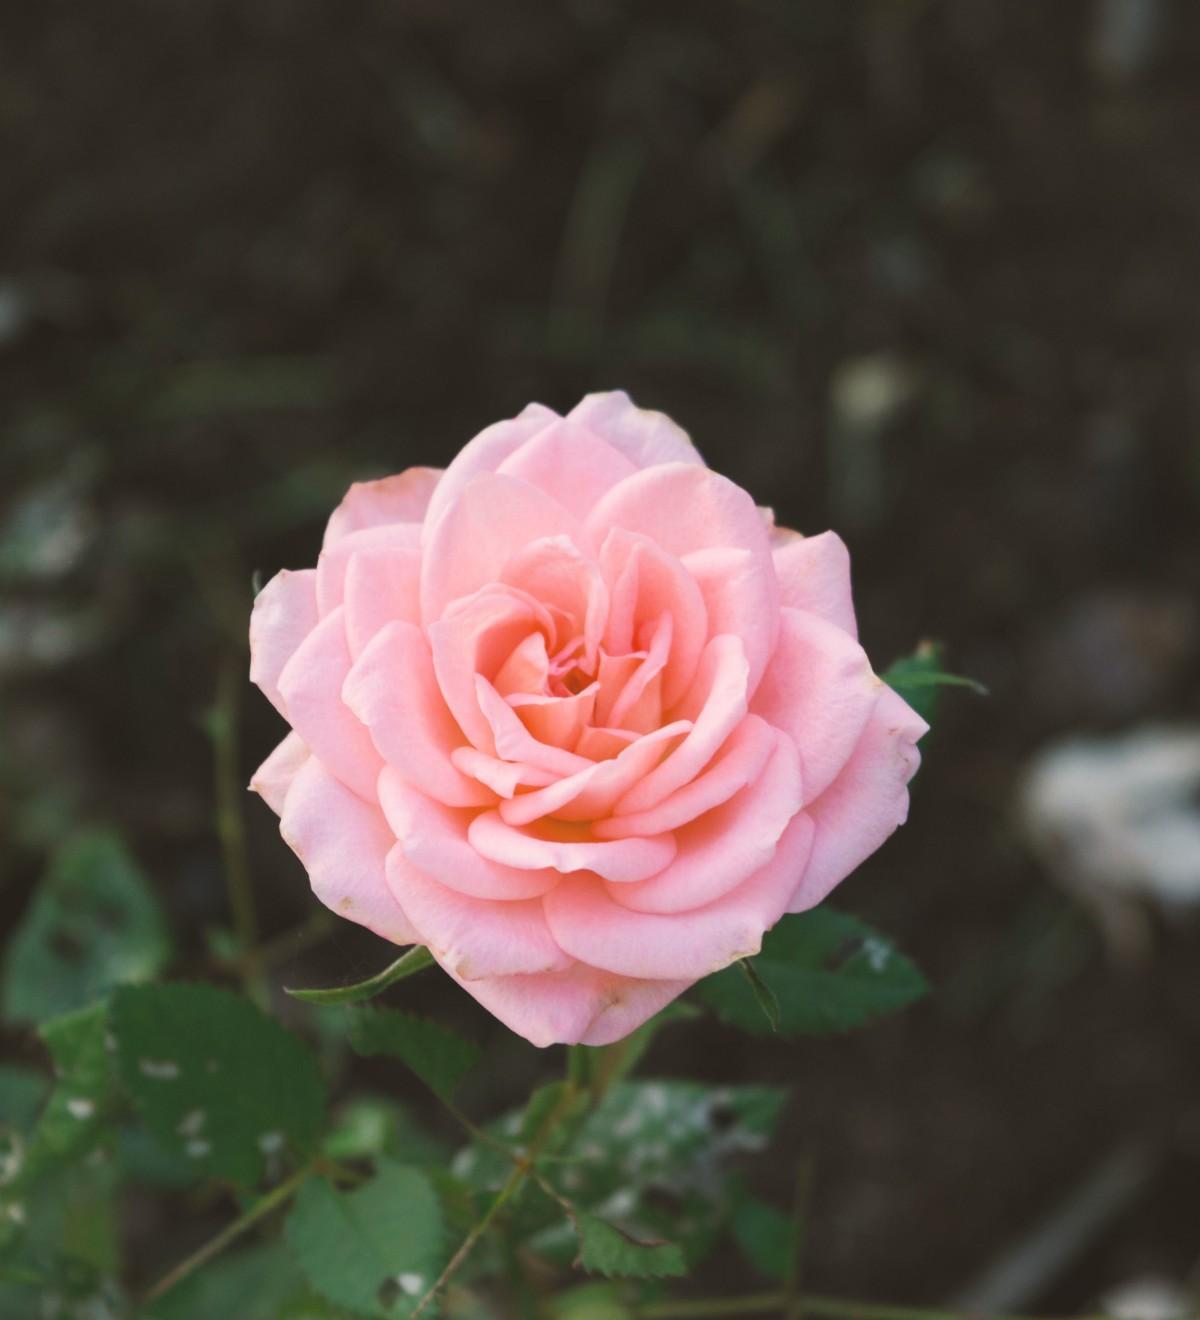 Free Images : Nature, Flower, Petal, Romantic, Flora